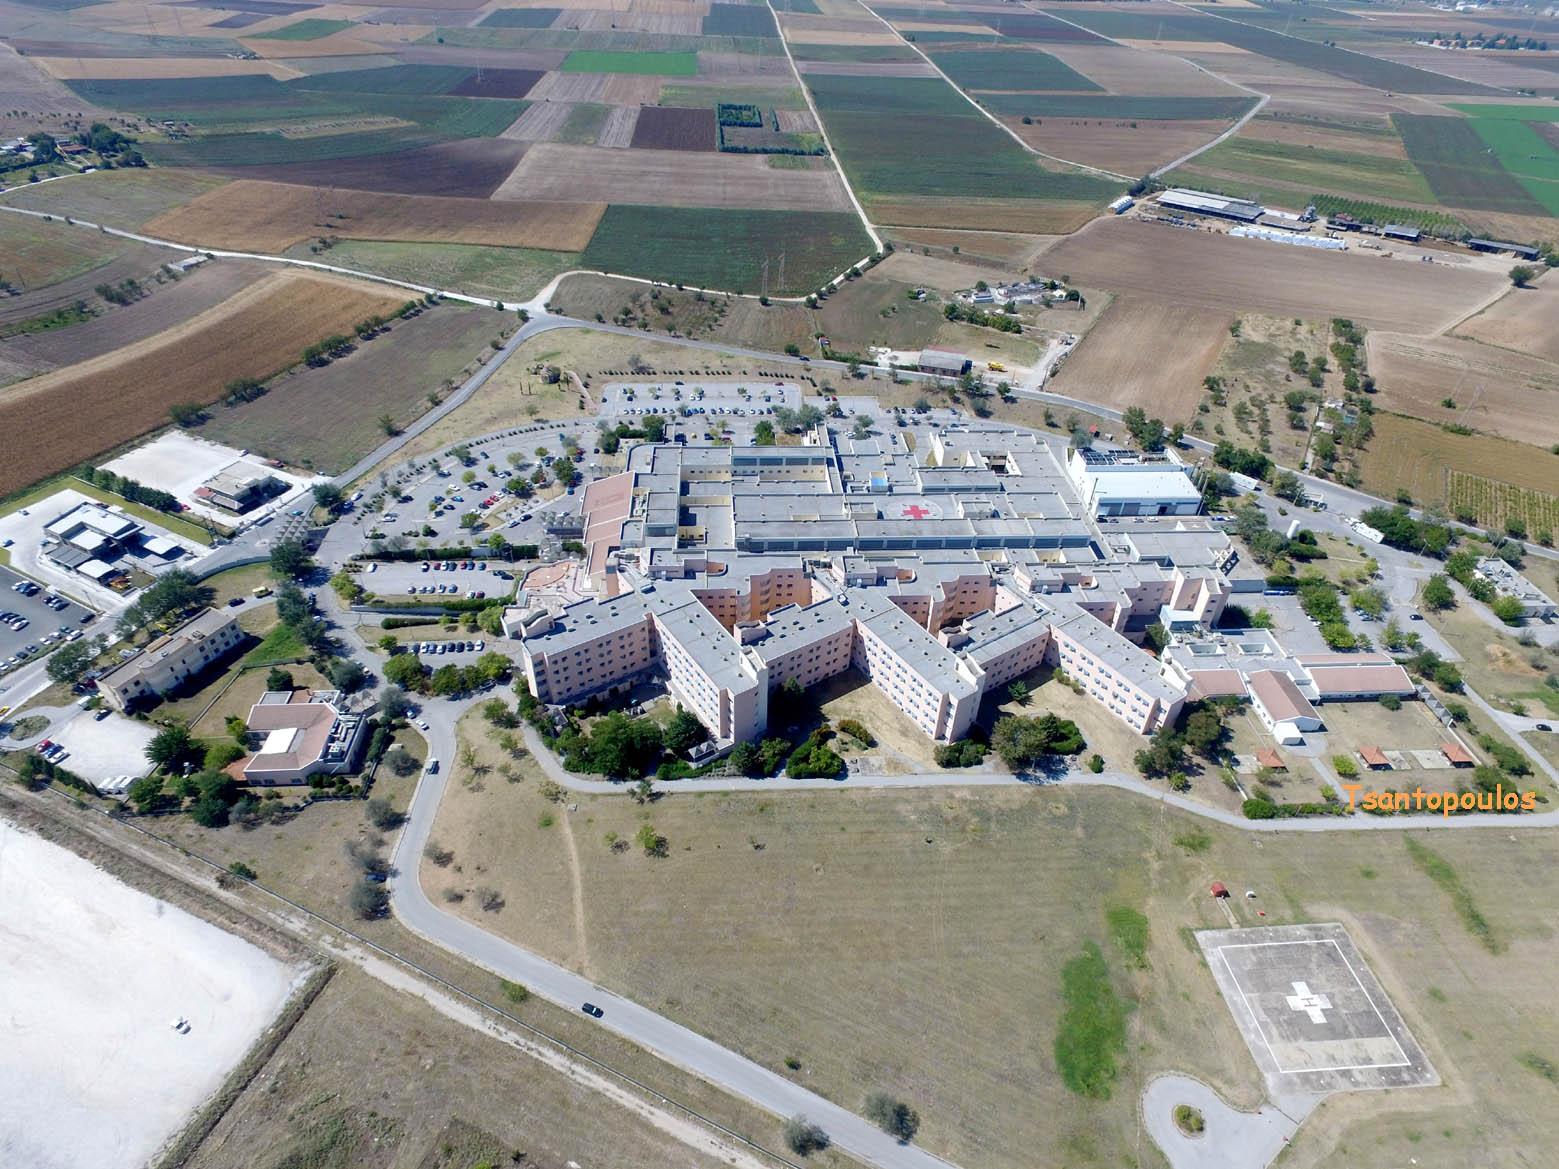 Πανεπιστημιακό Νοσοκομείο Λάρισας Μεζούρλο